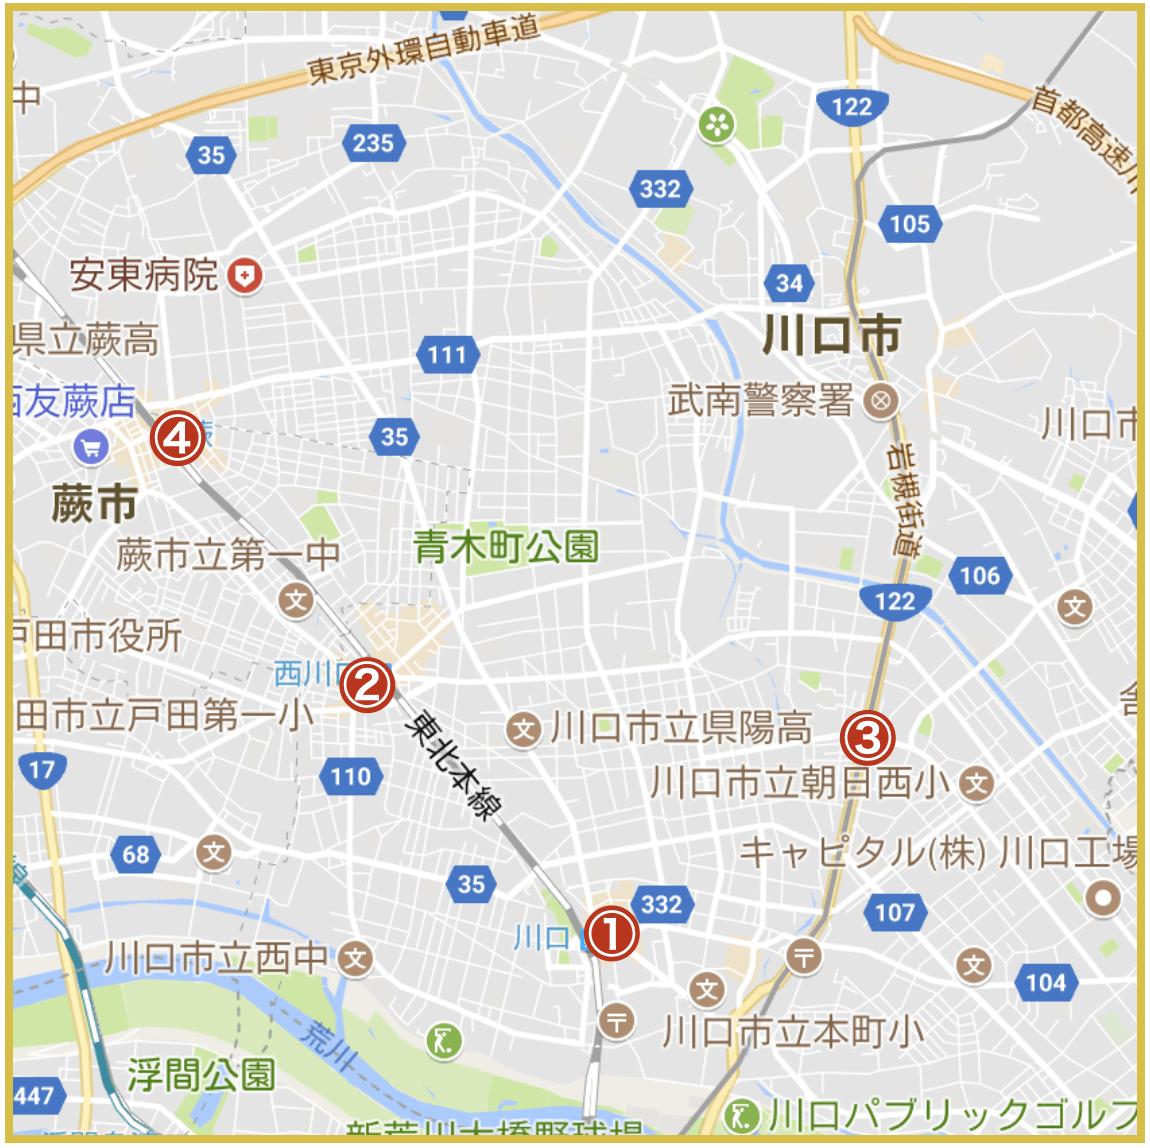 埼玉県南部地域にあるプロミス店舗・ATMの位置(2020年版)